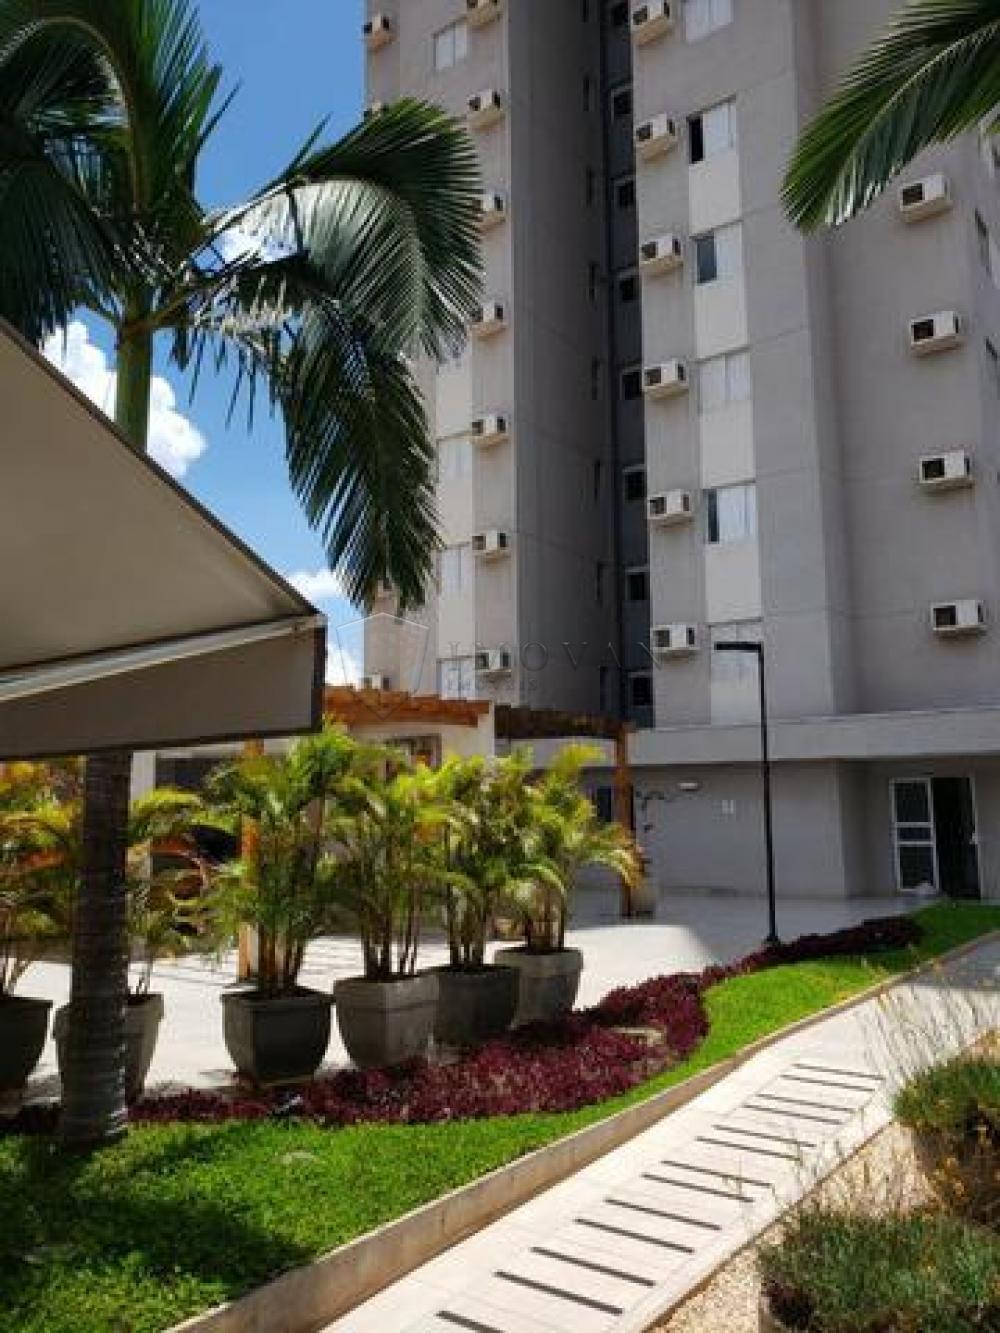 Comprar Apartamento / Padrão em Ribeirão Preto apenas R$ 250.000,00 - Foto 1